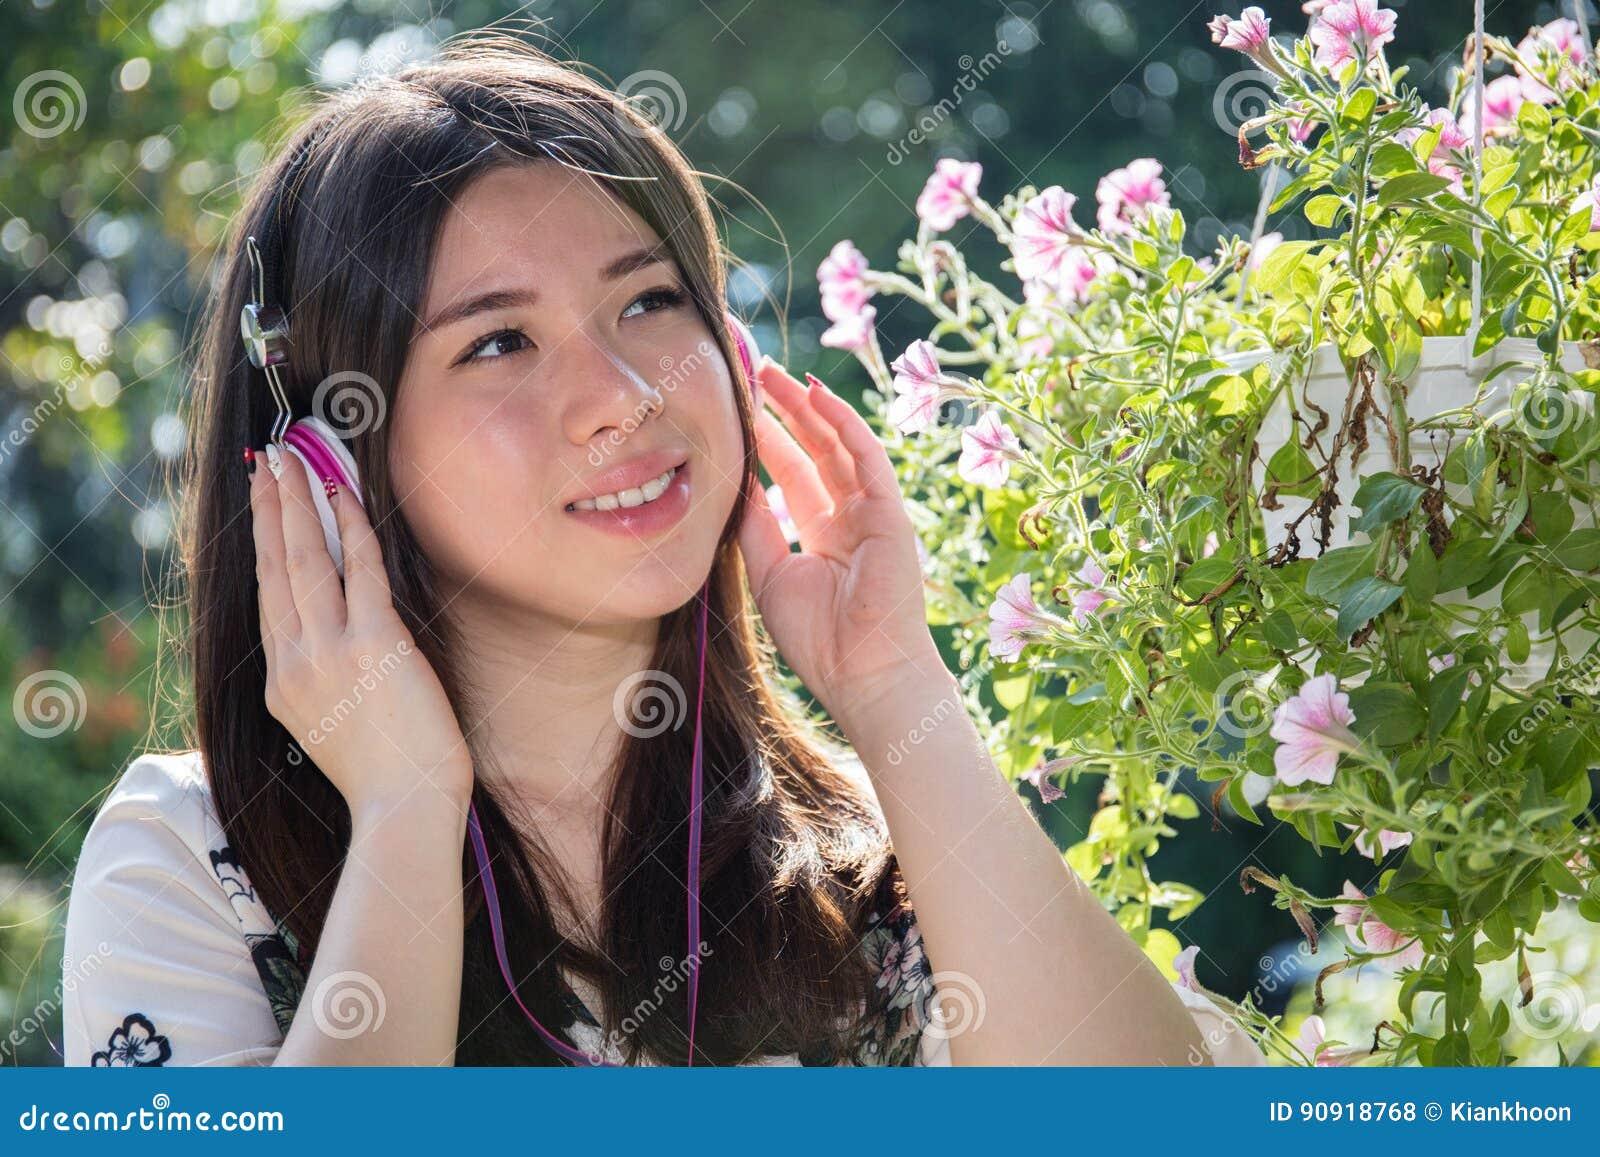 Asian beautiful young woman wearing headphones in the garden